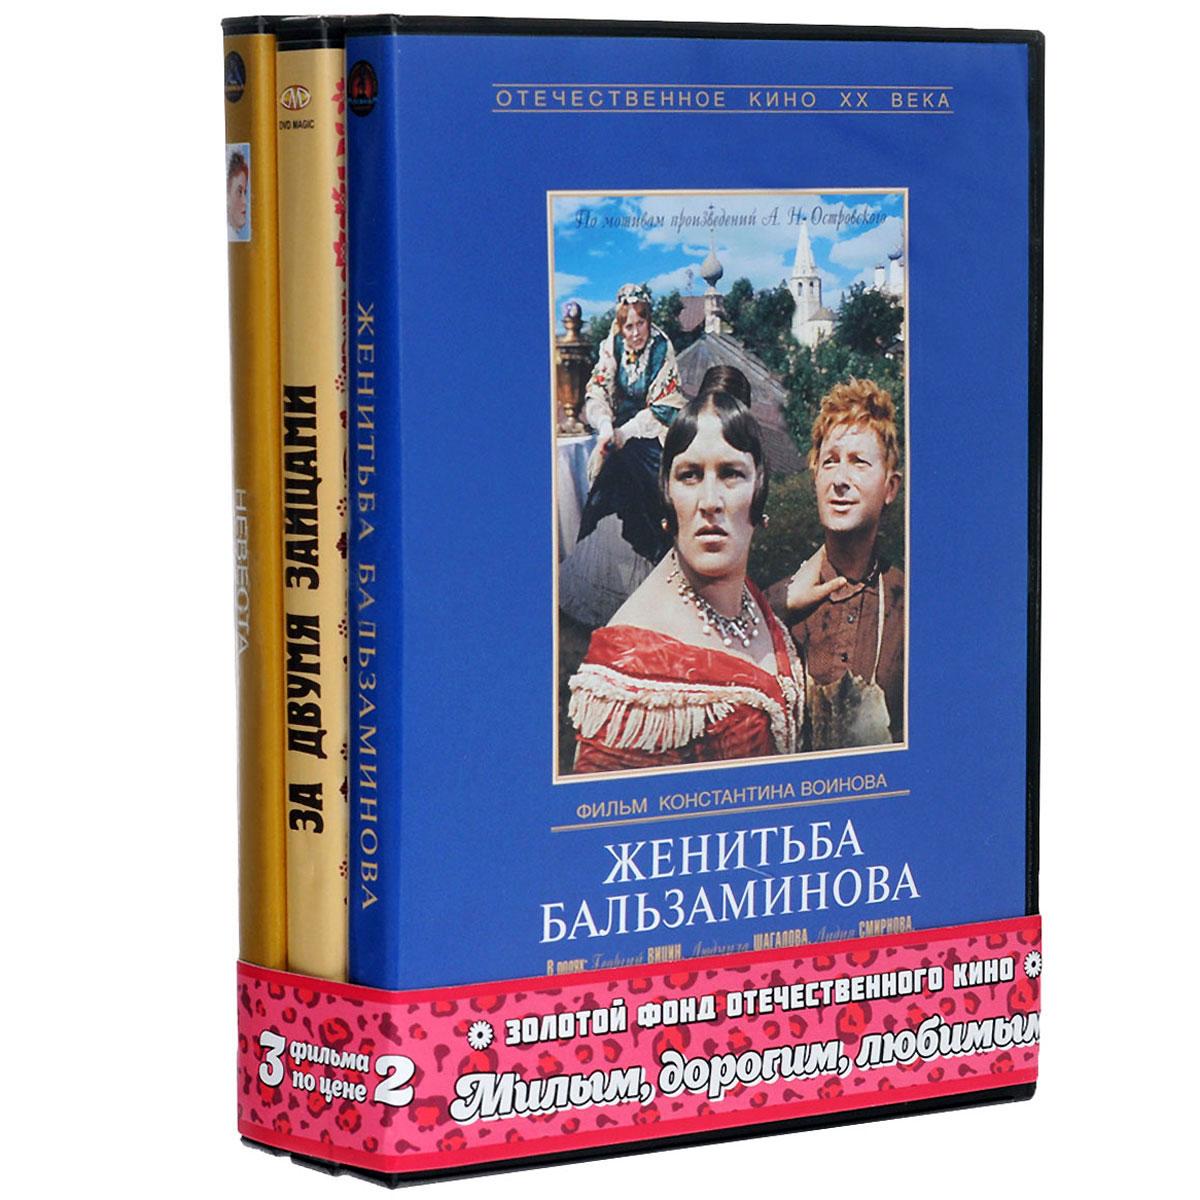 Милым, дорогим, любимым: Женитьба Бальзаминова / За двумя зайцами / Невеста (3 DVD) тарифный план